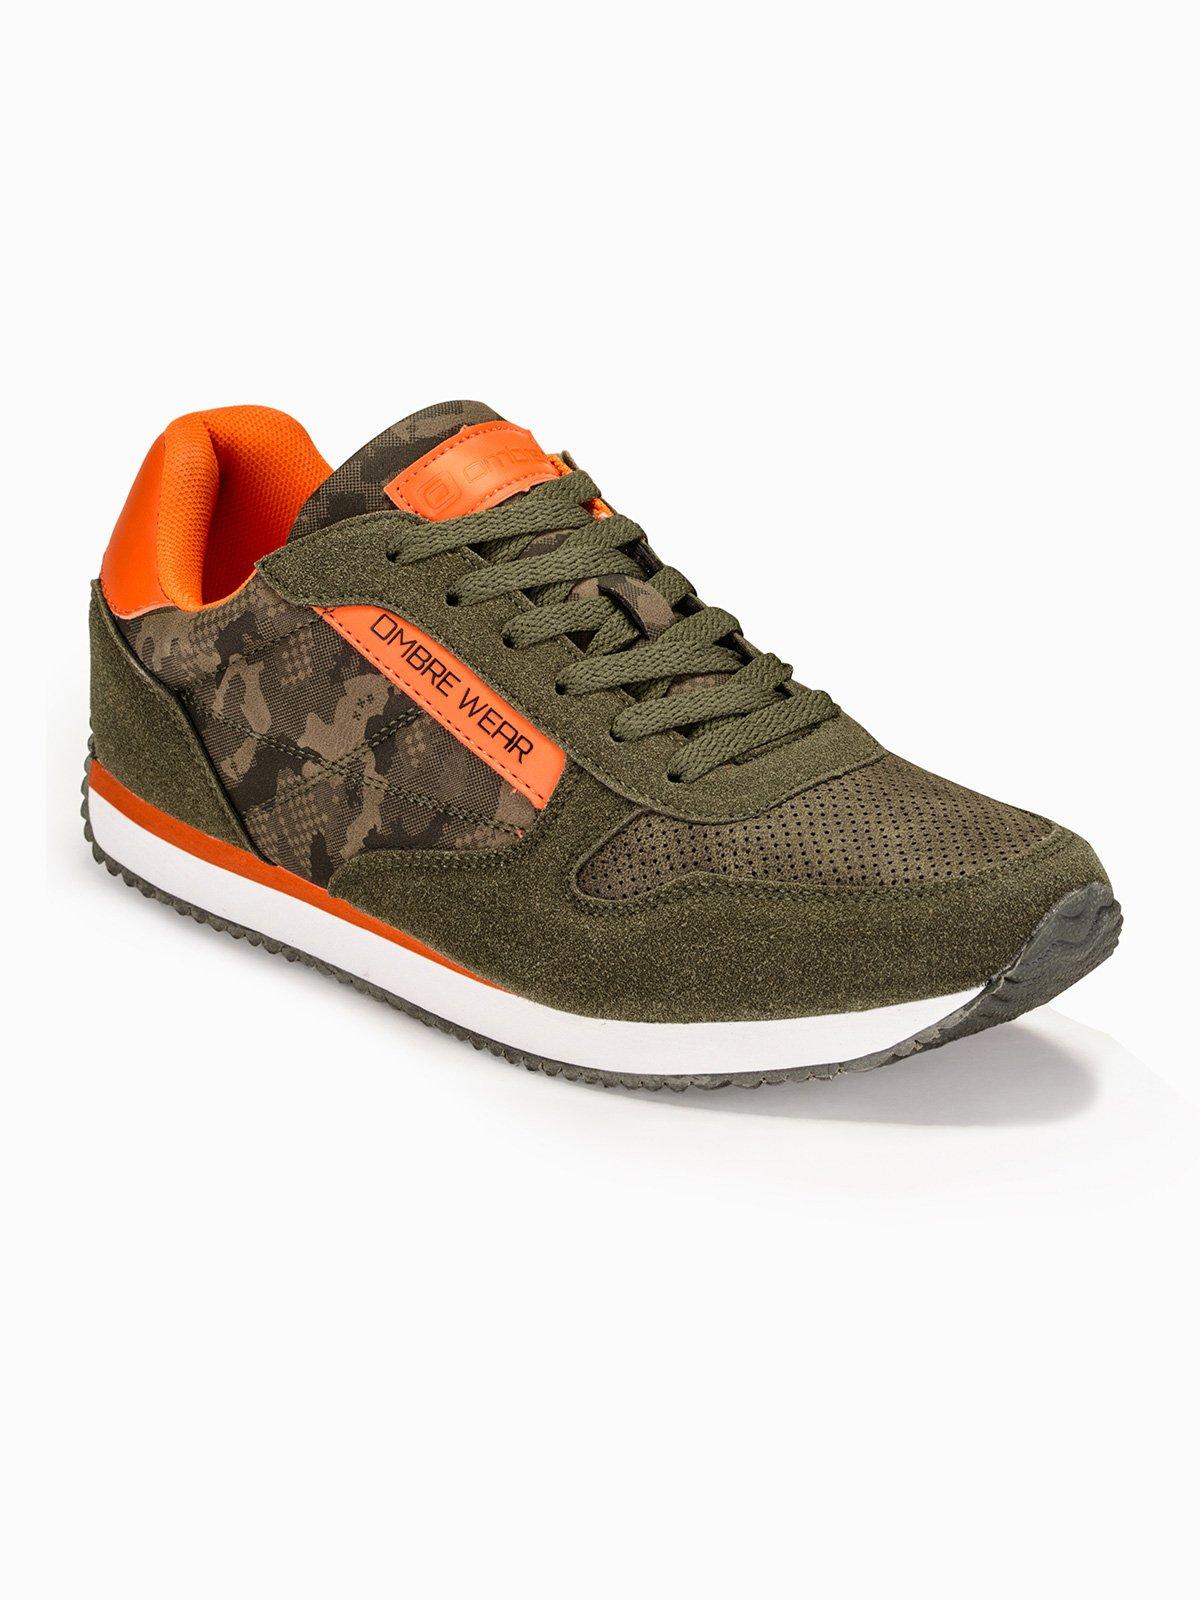 Купить со скидкой Взуття чоловіче кросівки T310 - зелені/камуфляж